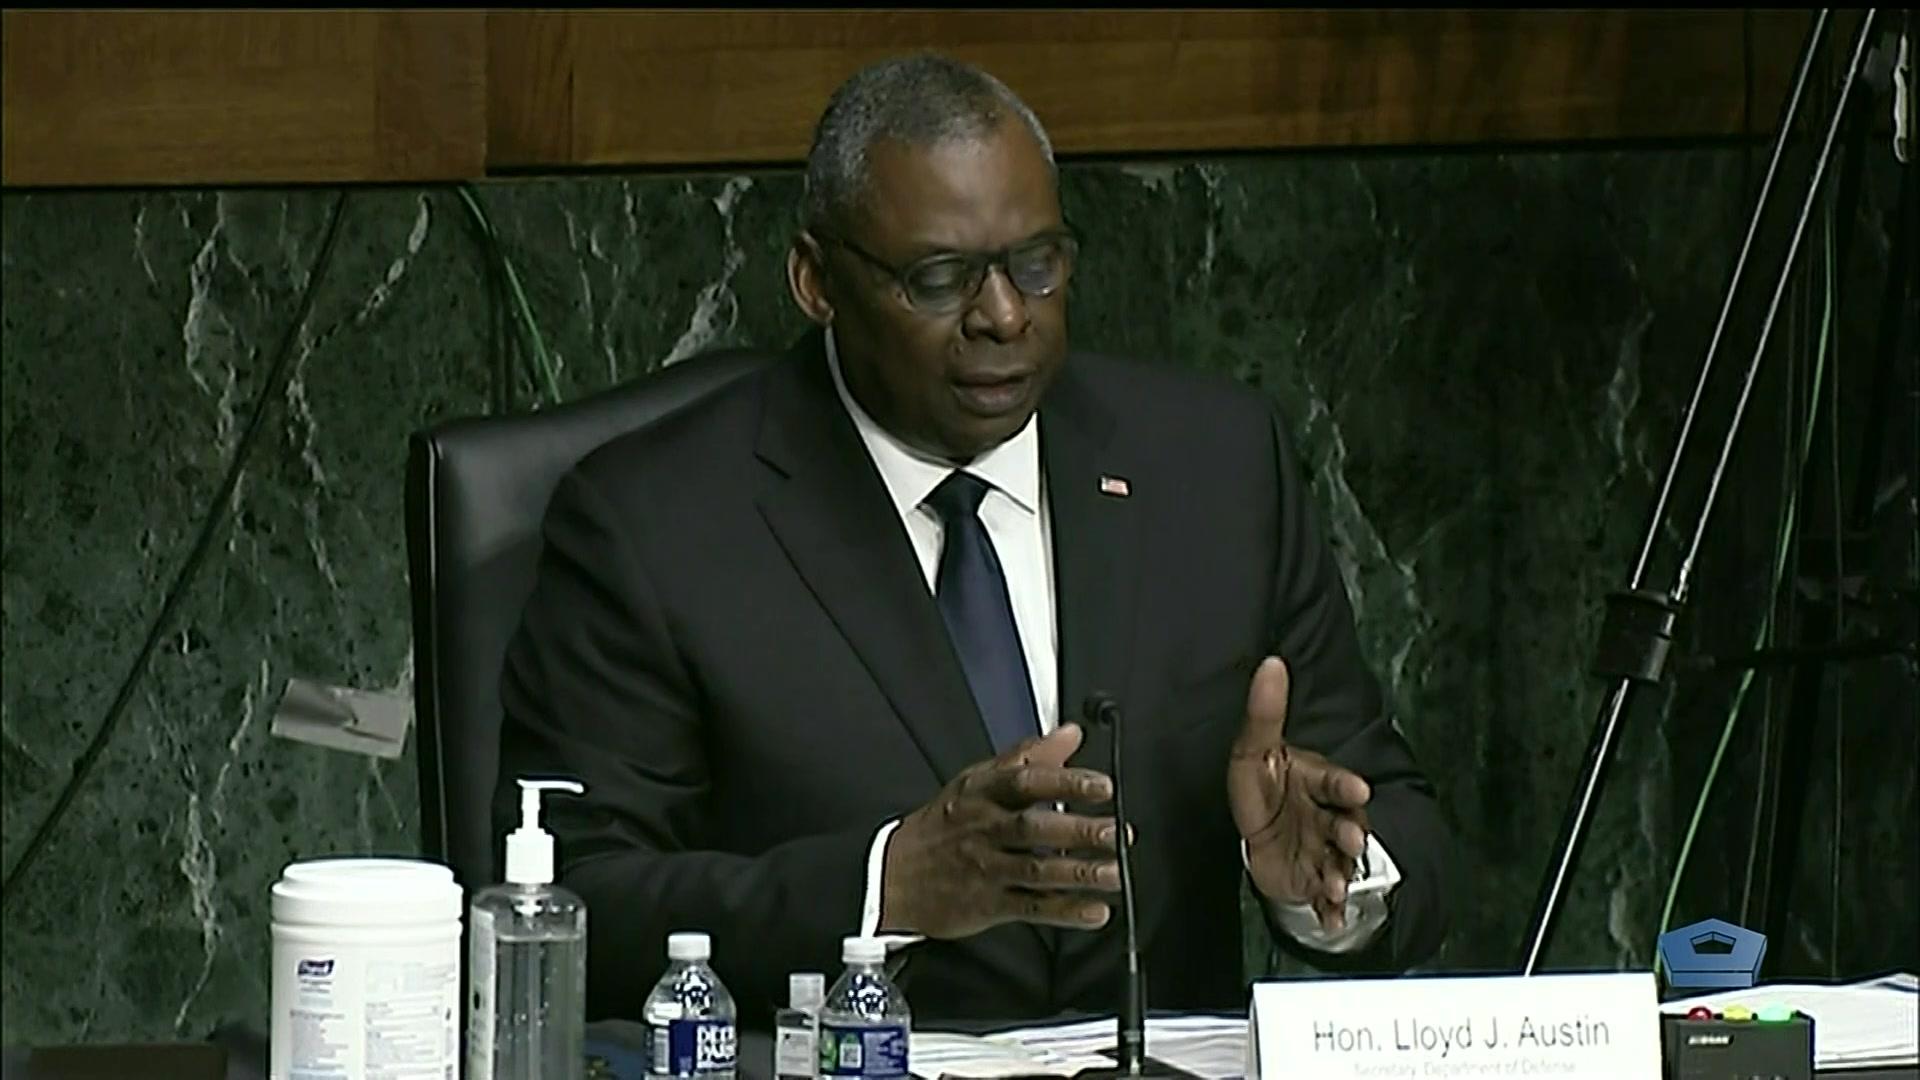 Secretary of Defense Lloyd J. Austin III speaks at a table.